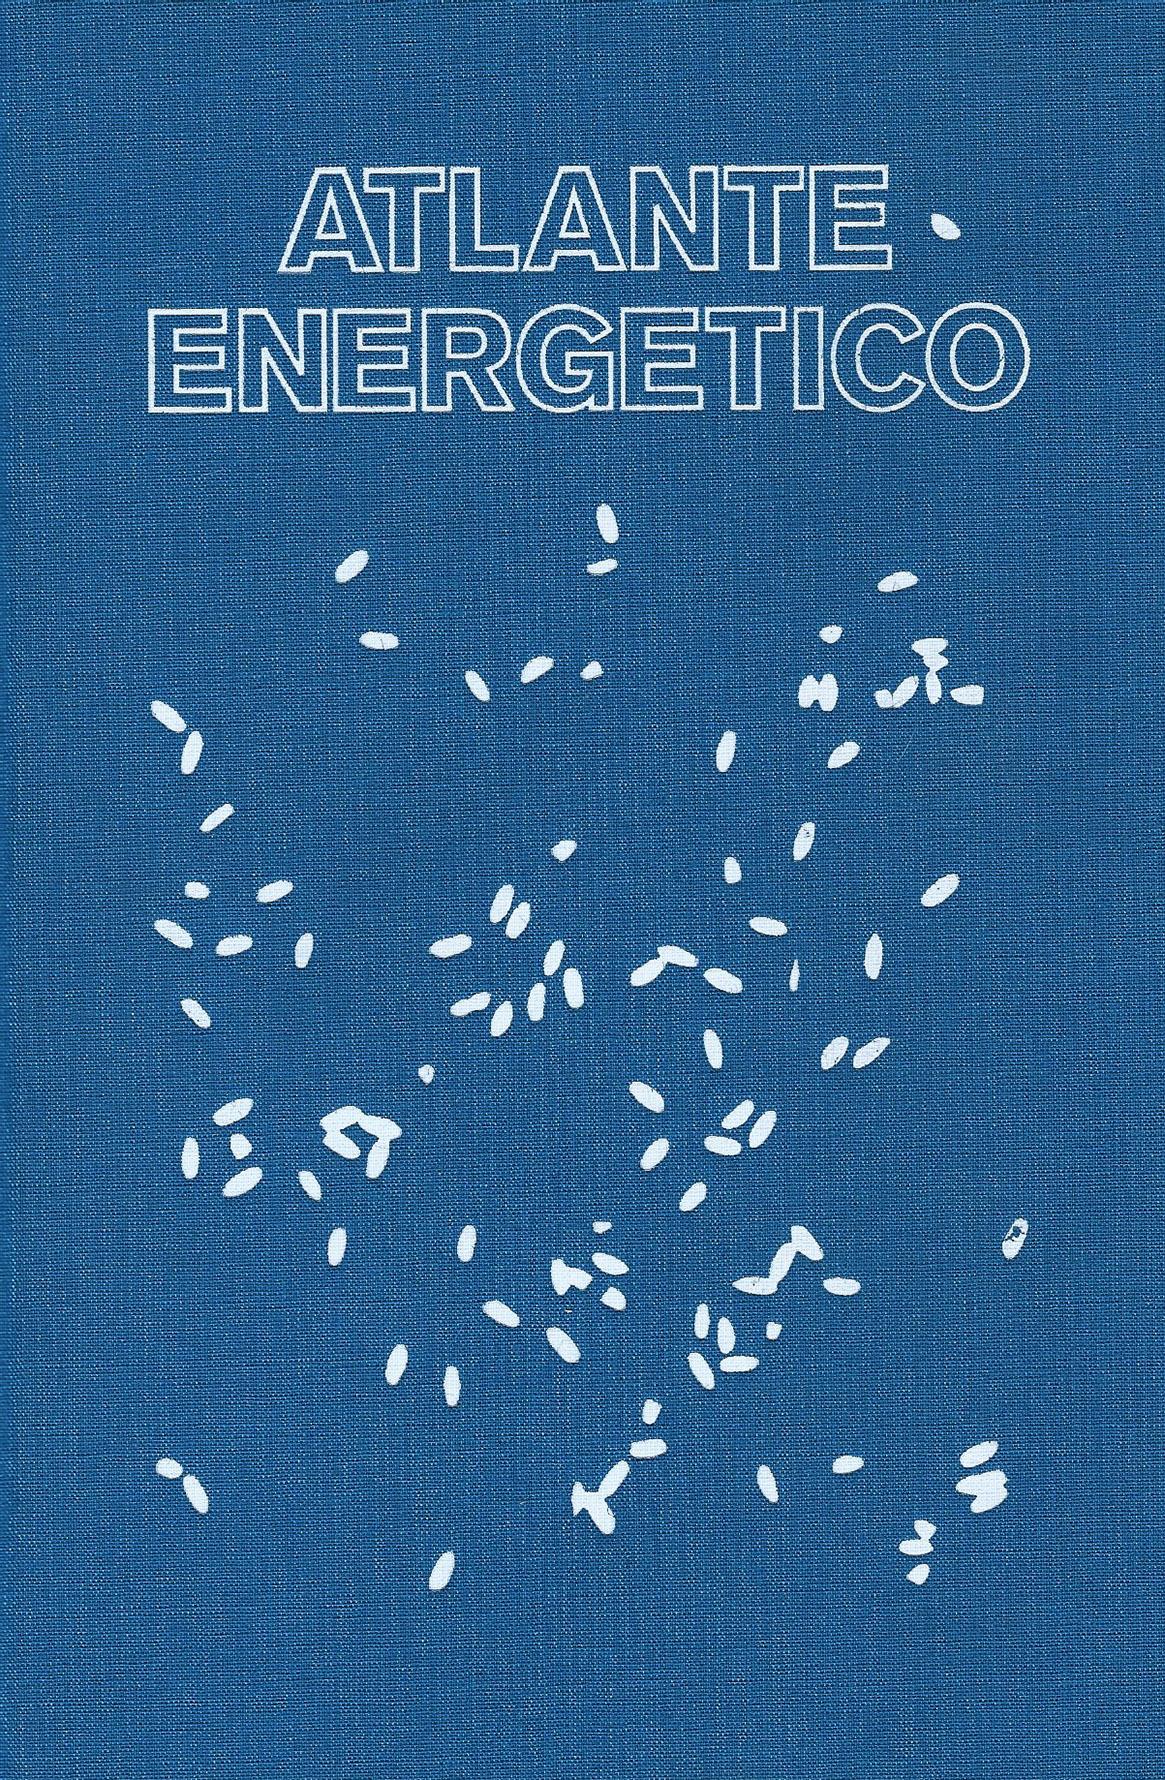 atlante energetico-catalogo